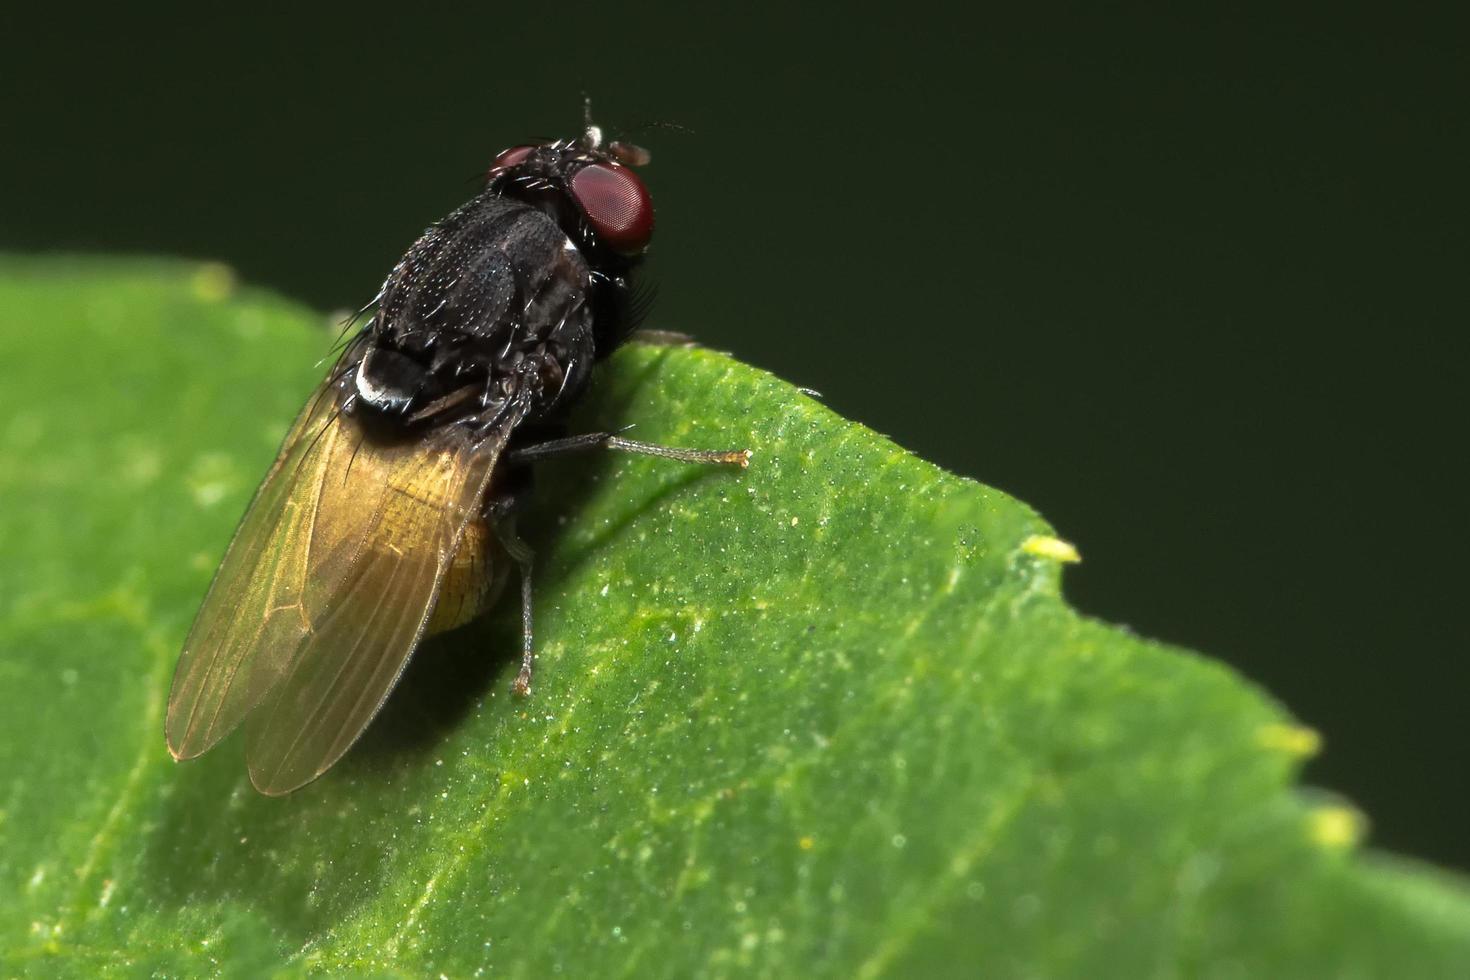 cierre sobre mosca de la fruta en el borde de la hoja foto